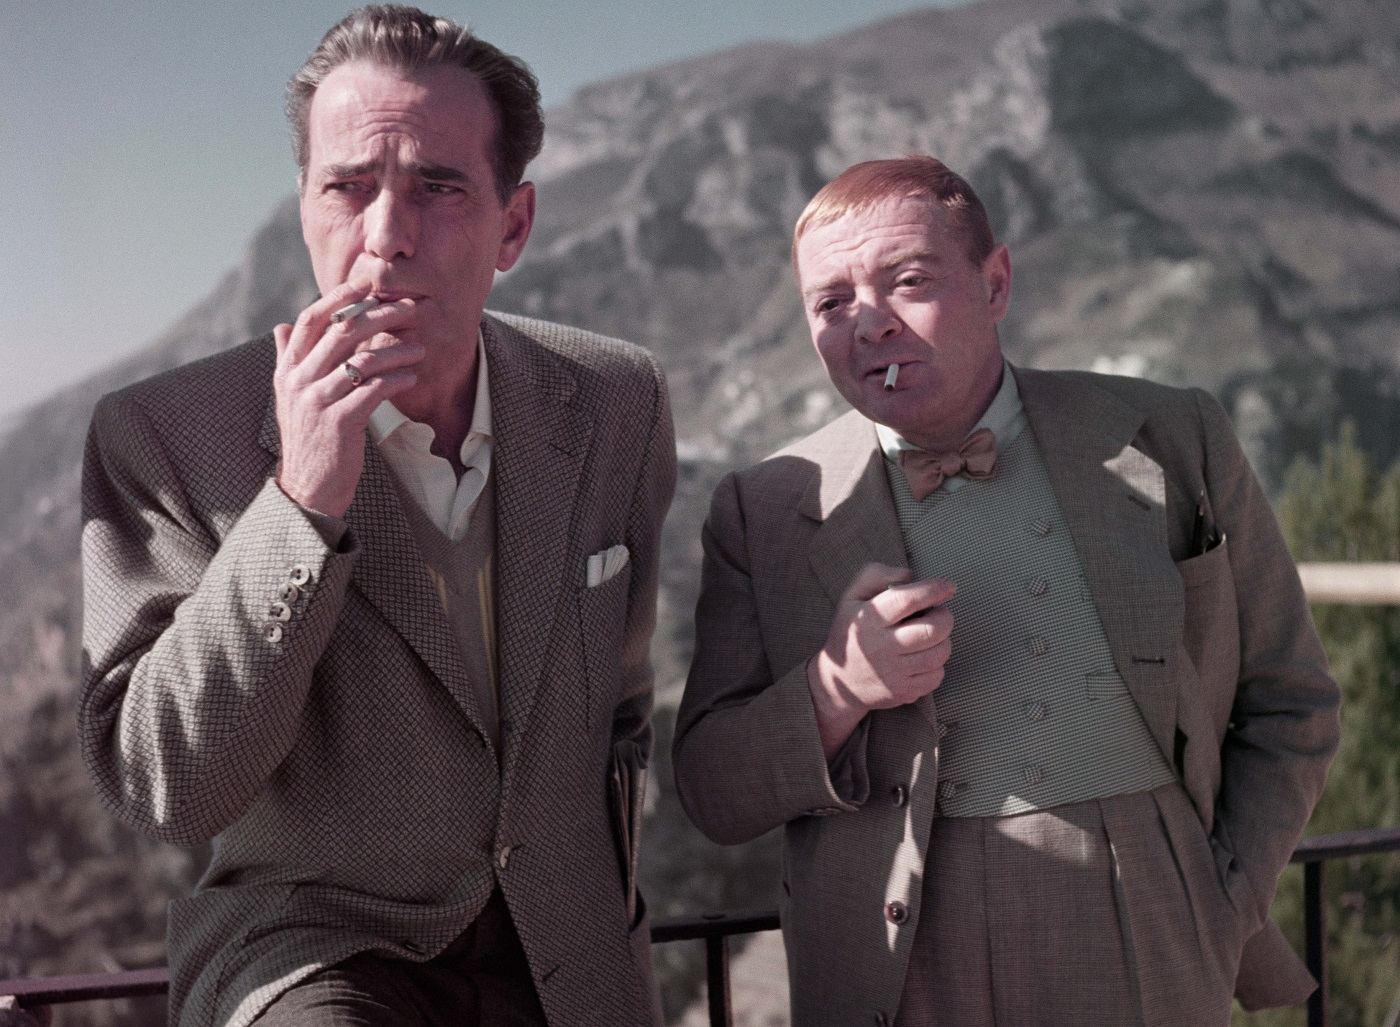 Robert Capa, Humphrey Bogart y Peter Lorre en el rodaje de 'La burla del diablo', Ravello, Italia, abril de 1953. © Robert Capa/International Center of Photography/Magnum Photos.